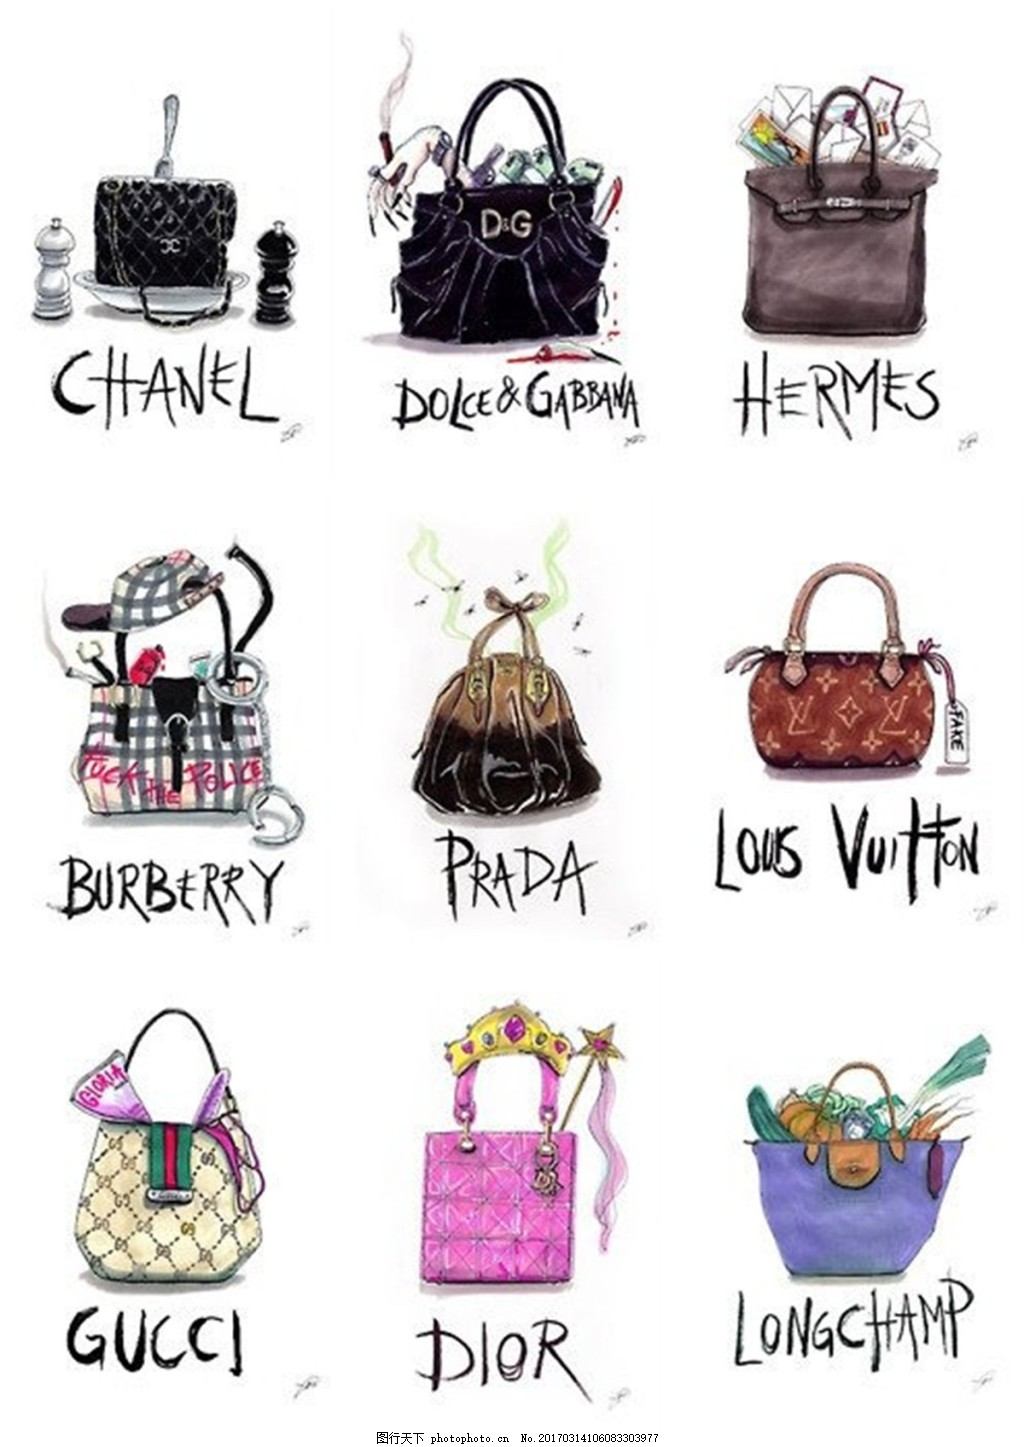 9款包包设计图 钱包 女包 箱包 时尚女包 手提包 背包 双肩包